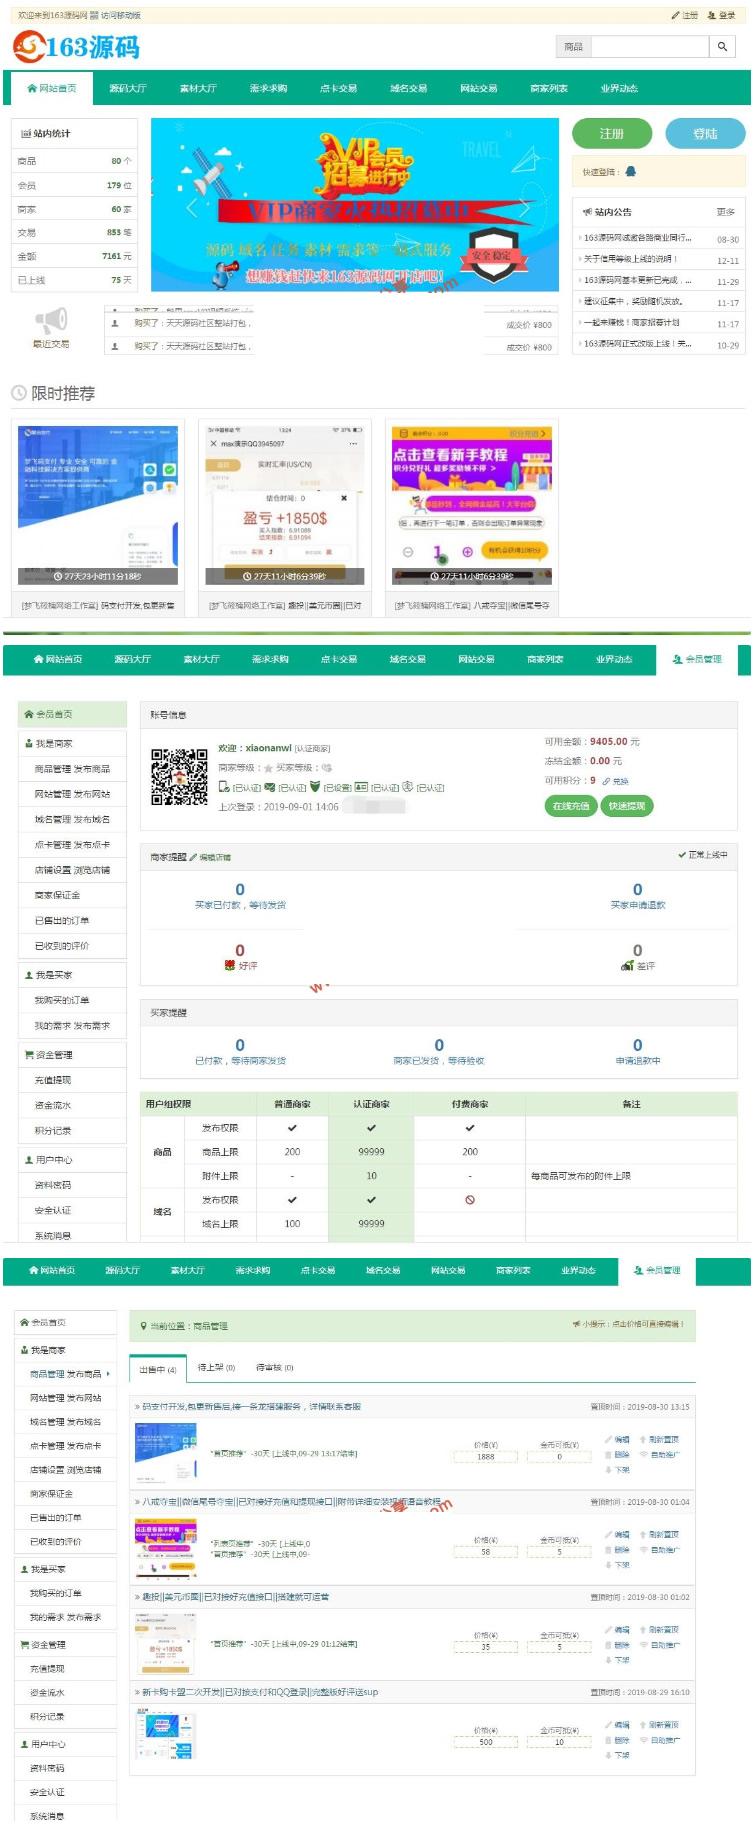 163源码网整站打包-NZ源码交易平台虚拟交易系统 第1张